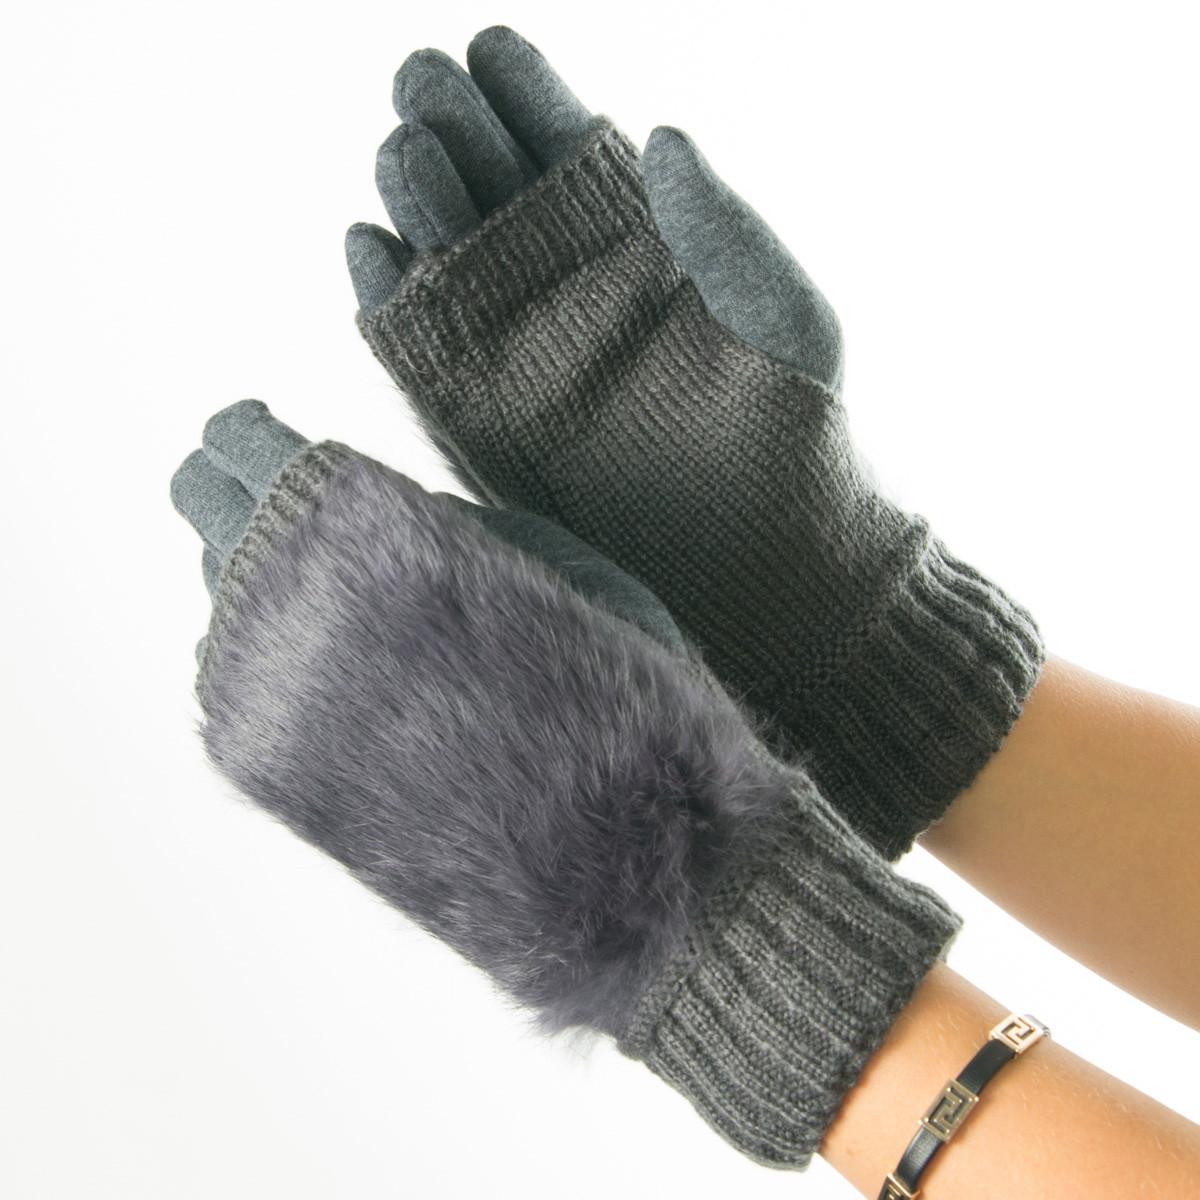 Текстильные женские перчатки-митенки с вязкой и вставкой с искусственного меха (серые)  № 19-F10-3